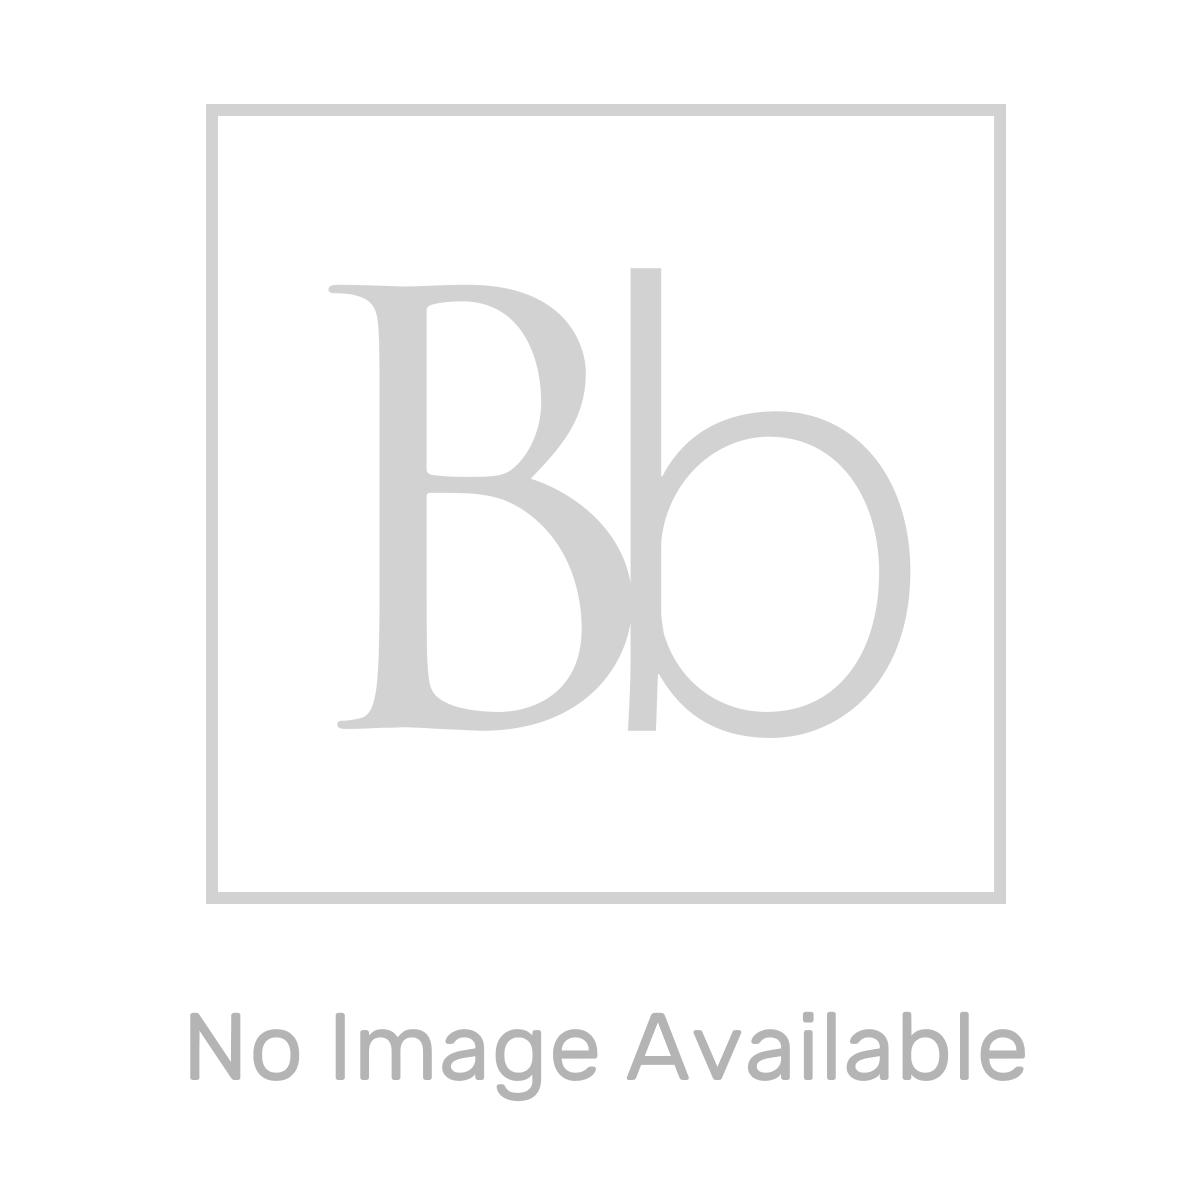 Nuie Athena Natural Oak 2 Door Floor Standing Vanity Unit with 18mm Worktop 500mm Line Drawing